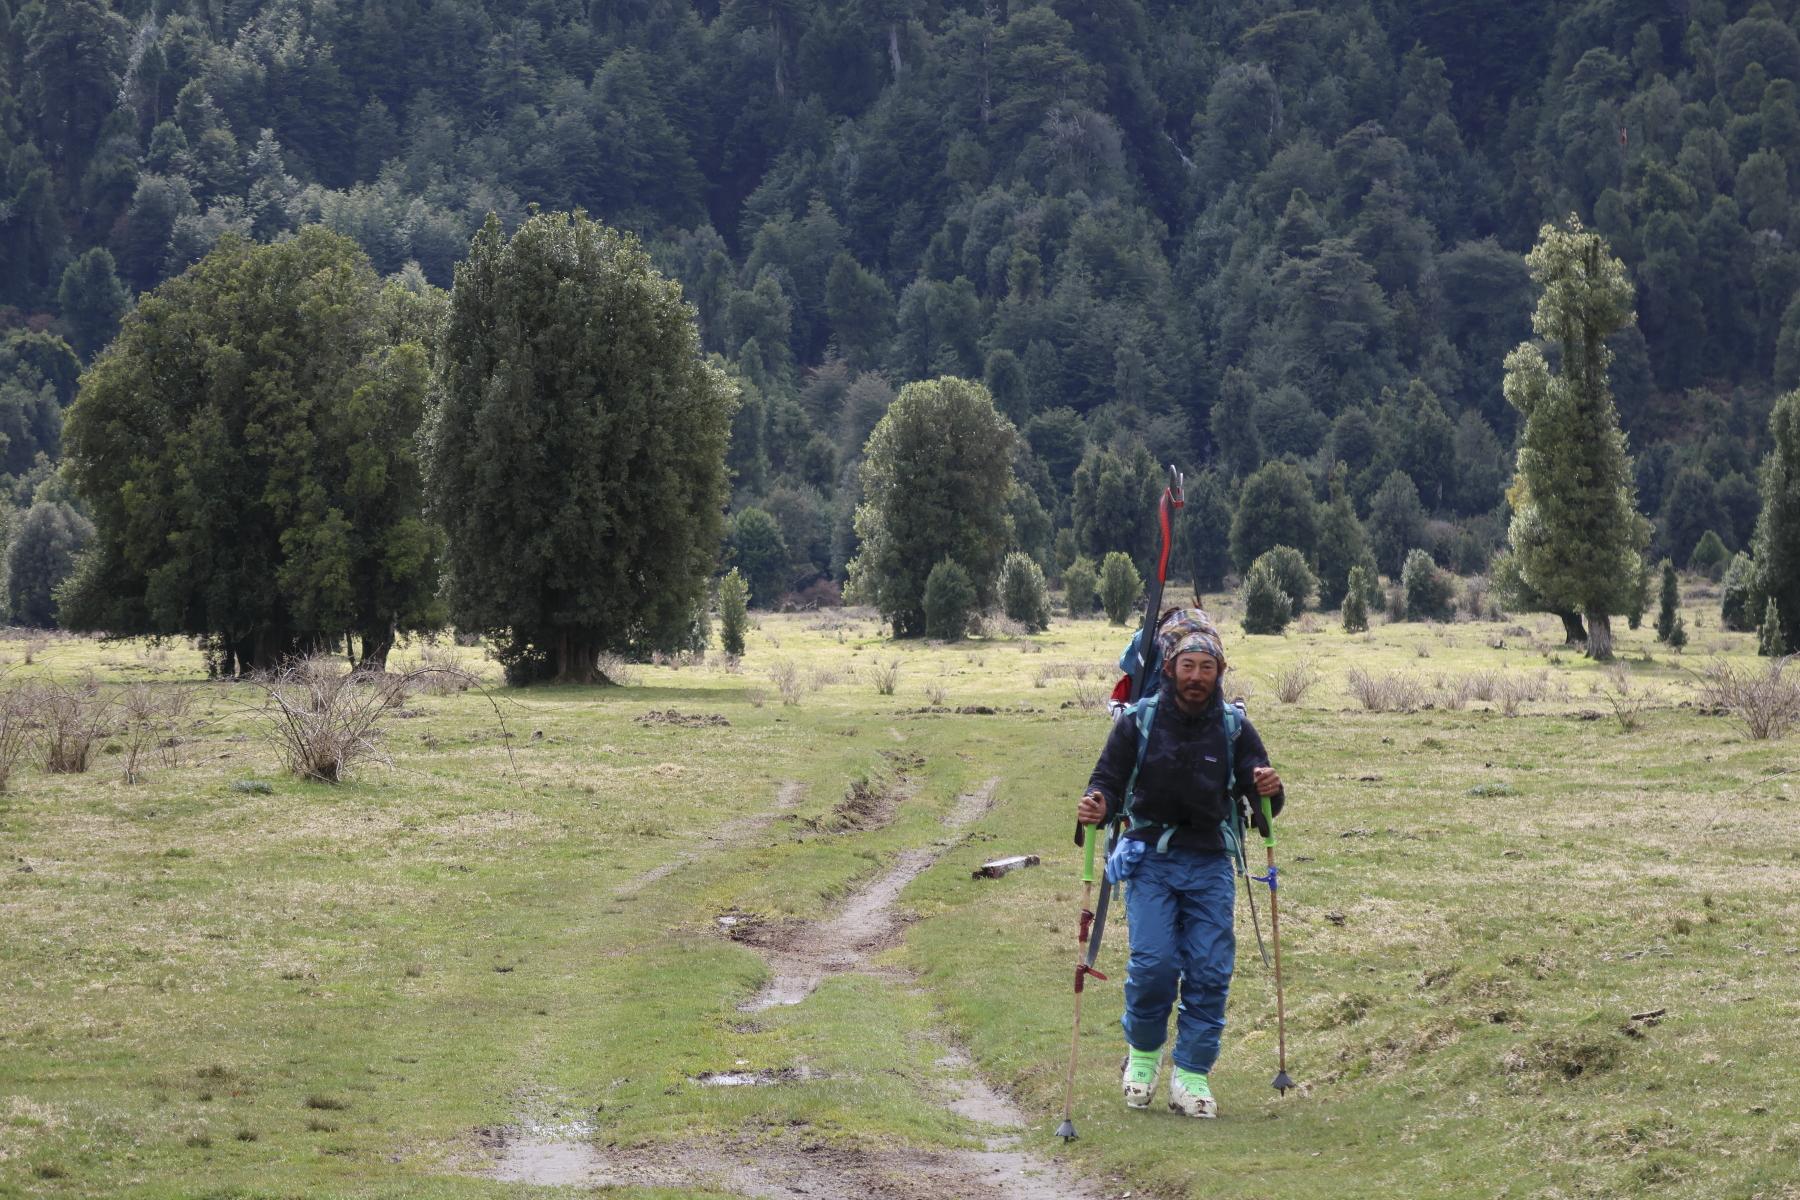 1週間のキャンプを終え、雪山から森を抜けて牧場地帯まで降りてきたところ。 写真:布施 智基